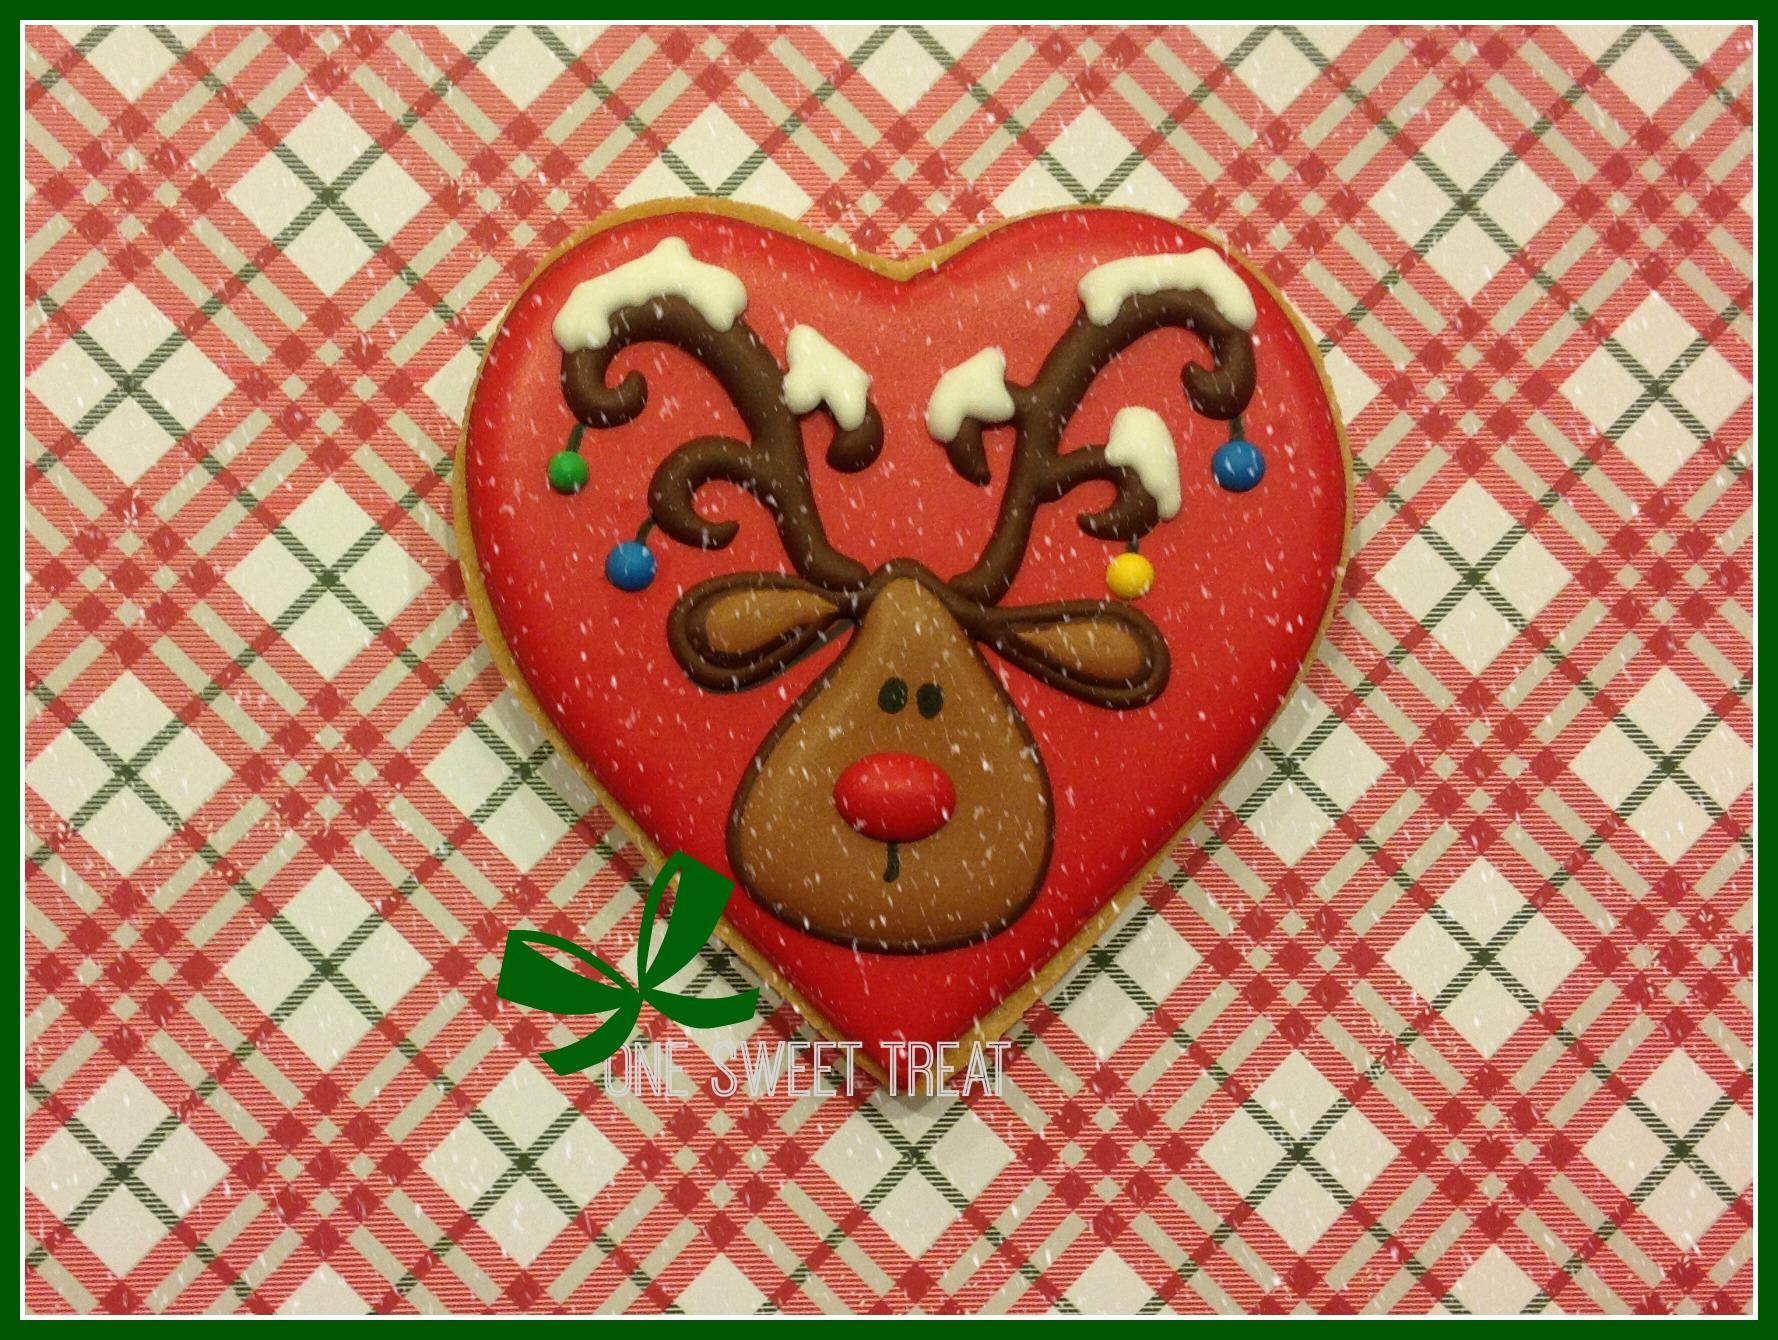 reindeer-img_4749-1